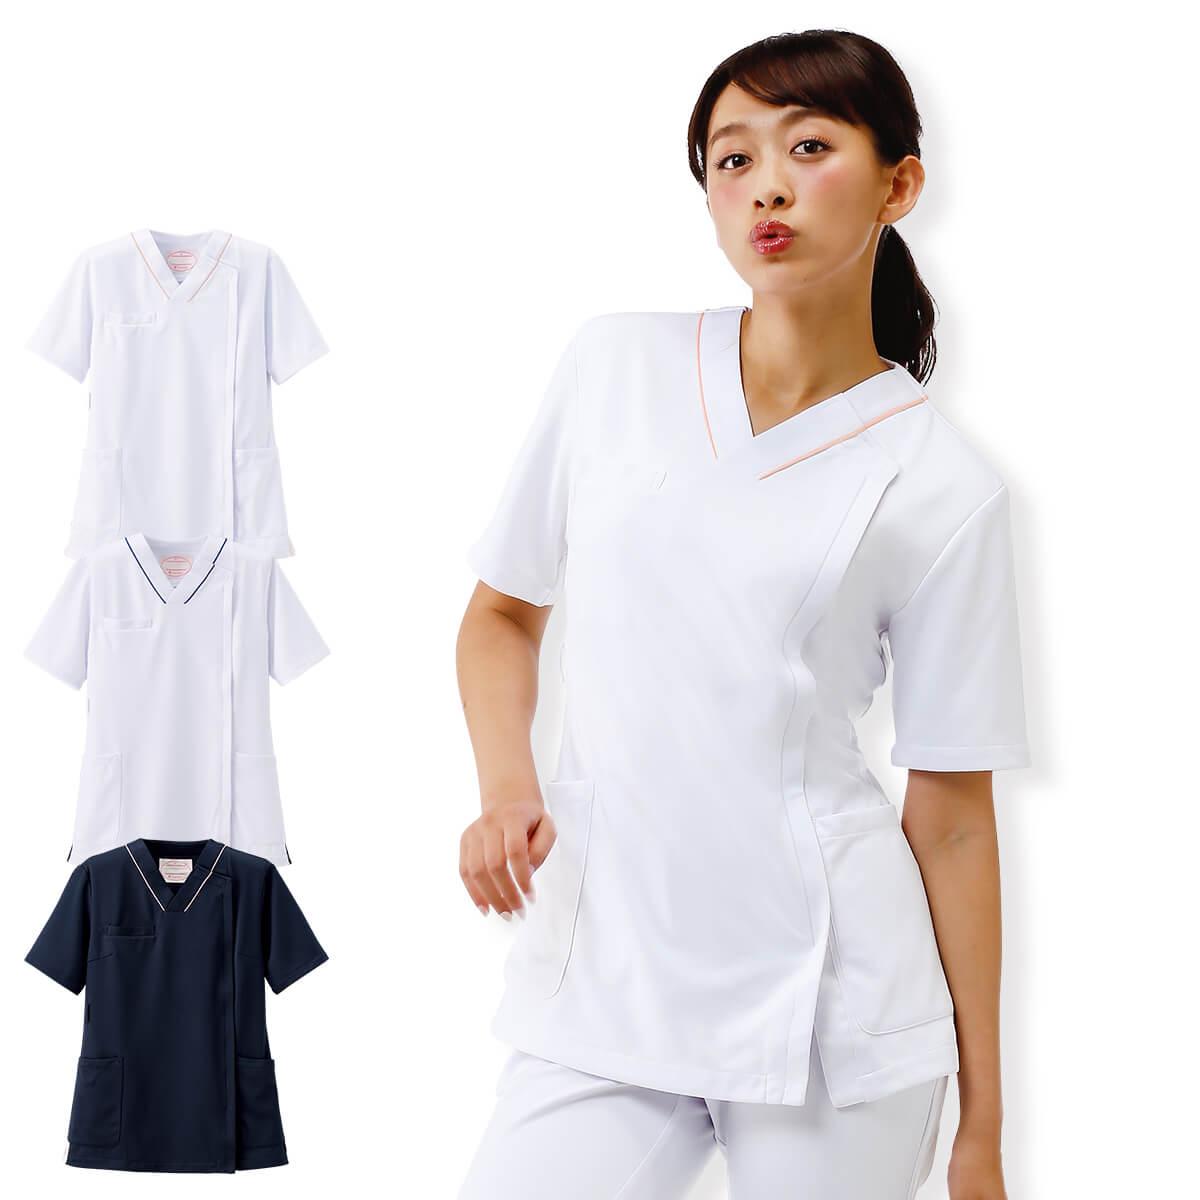 2393 マルチジャケット(サイドジップ)【医療 ナース 看護師 白衣 女性】